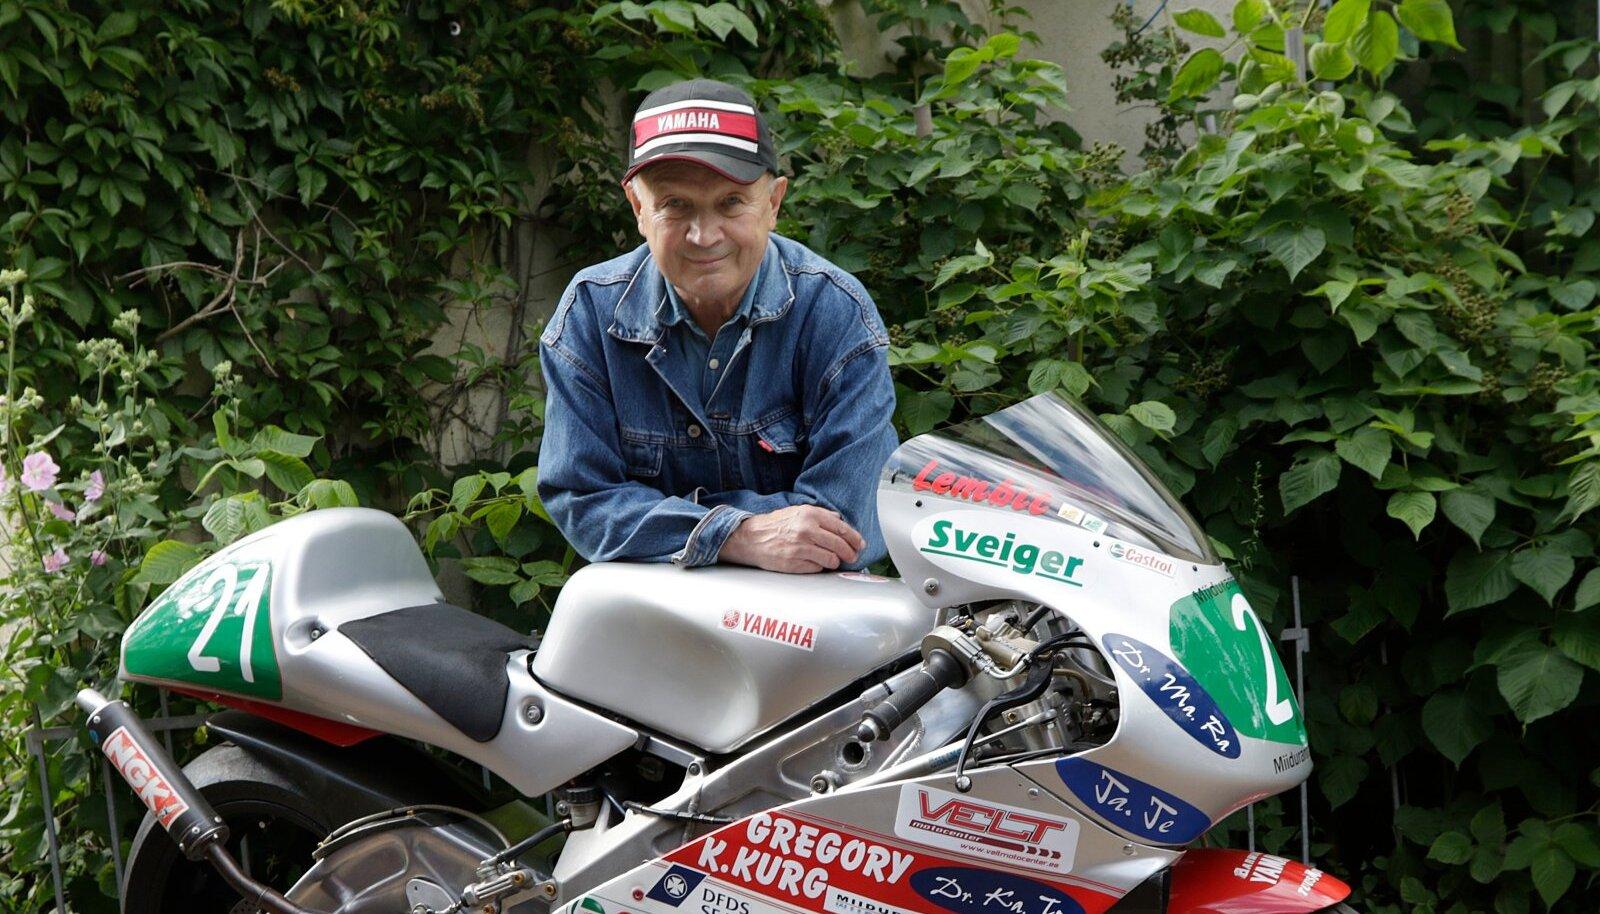 Lembit Teesalu mootorrattal, millega lõpetas oma sportlaskarjääri